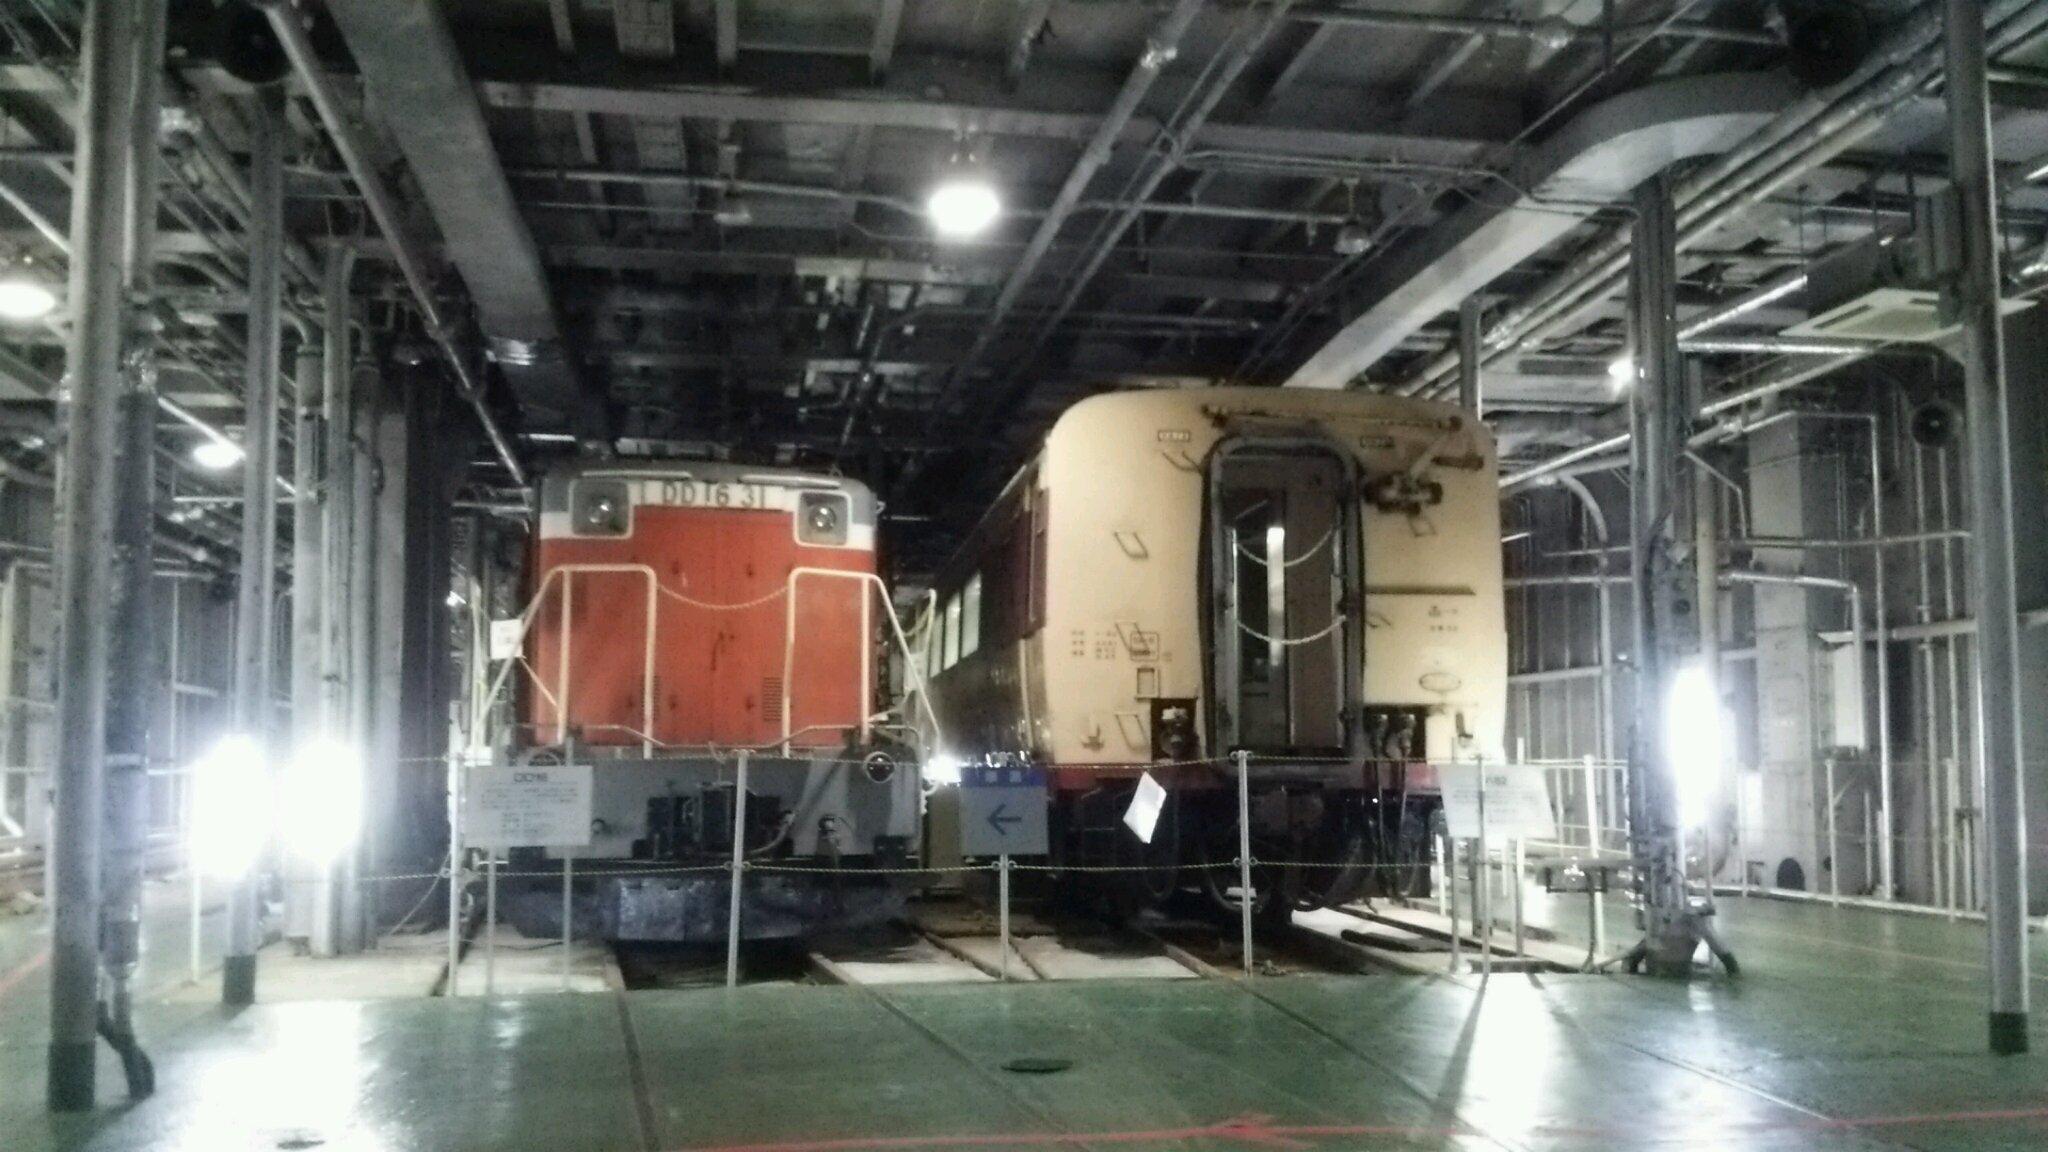 八甲田丸船内の車両甲板には鉄道車両が眠っていた